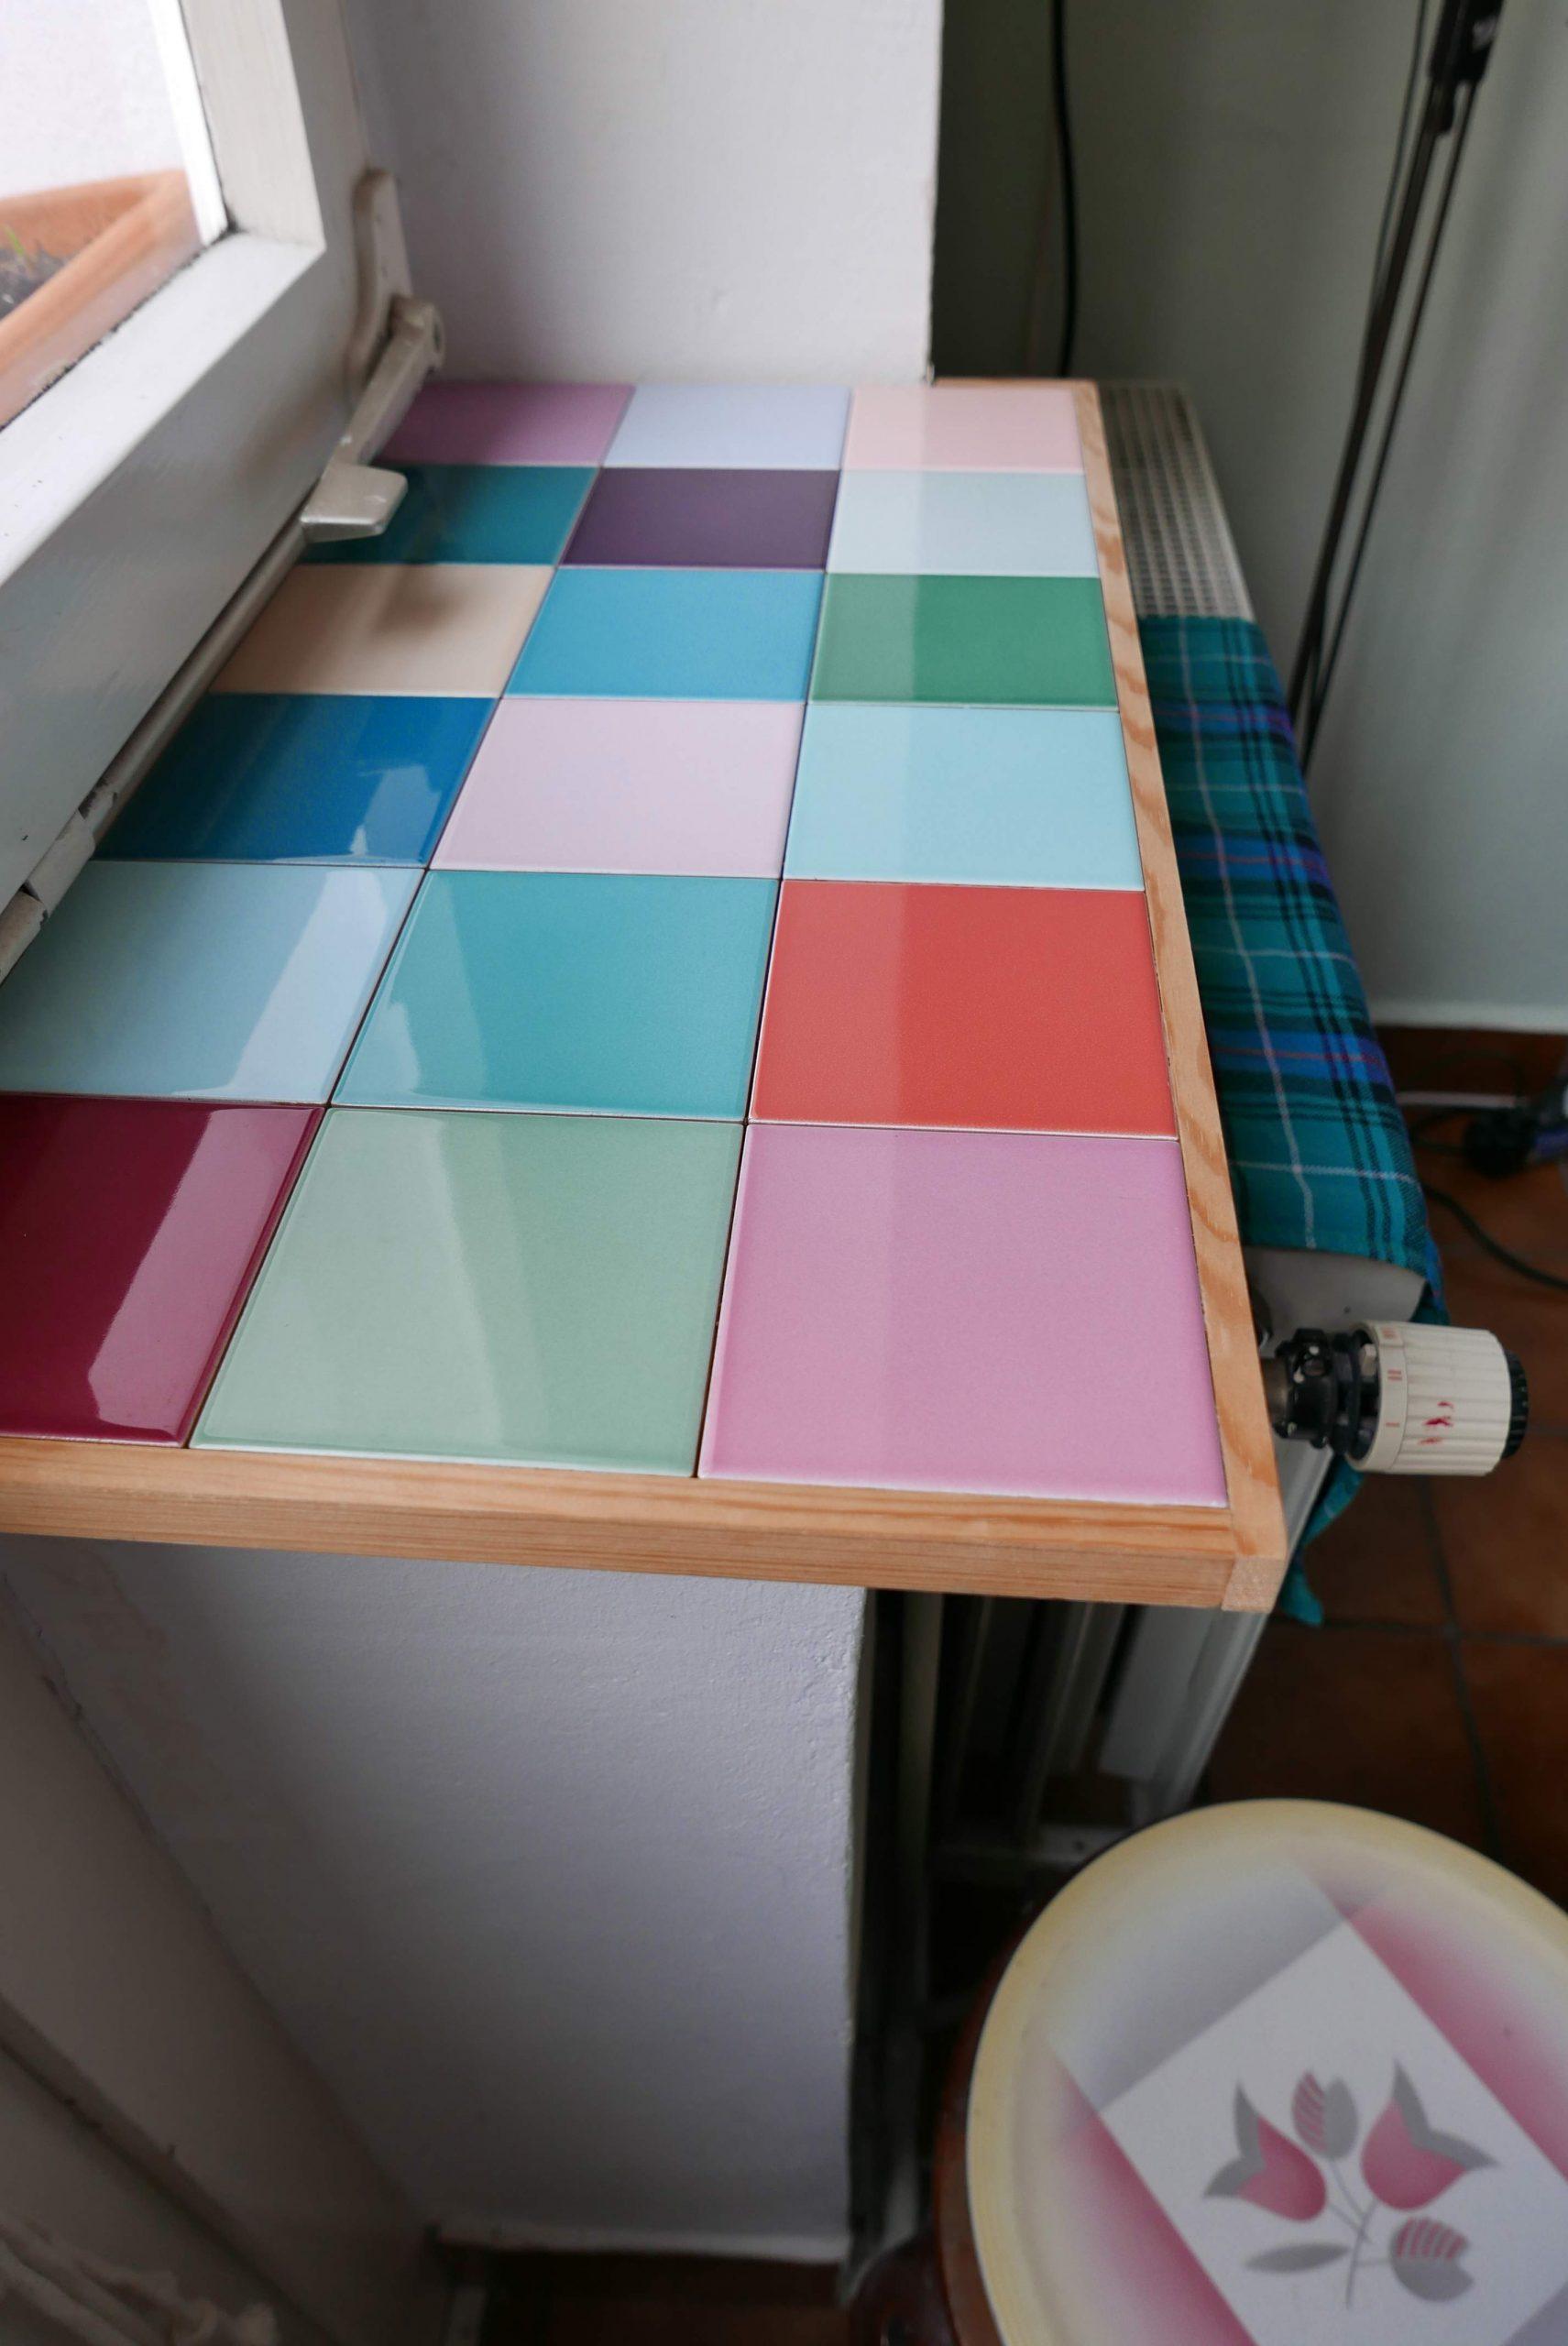 Seitenansicht der vergrößerten Fensterbank mit farbigen Fliesen